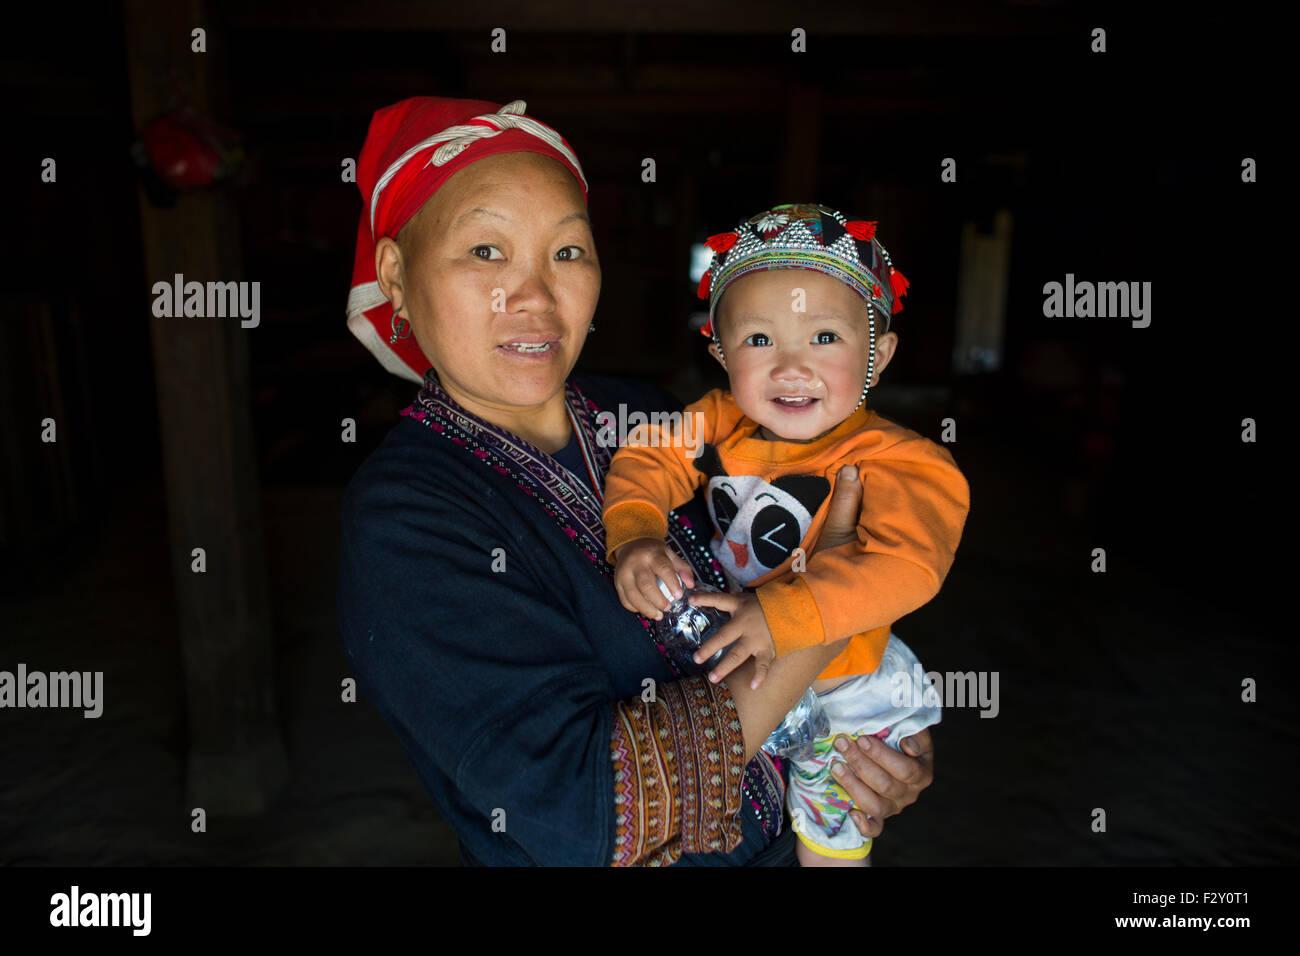 La madre e il bambino dall'etnia Hmong tribù in Vietnam Foto Stock